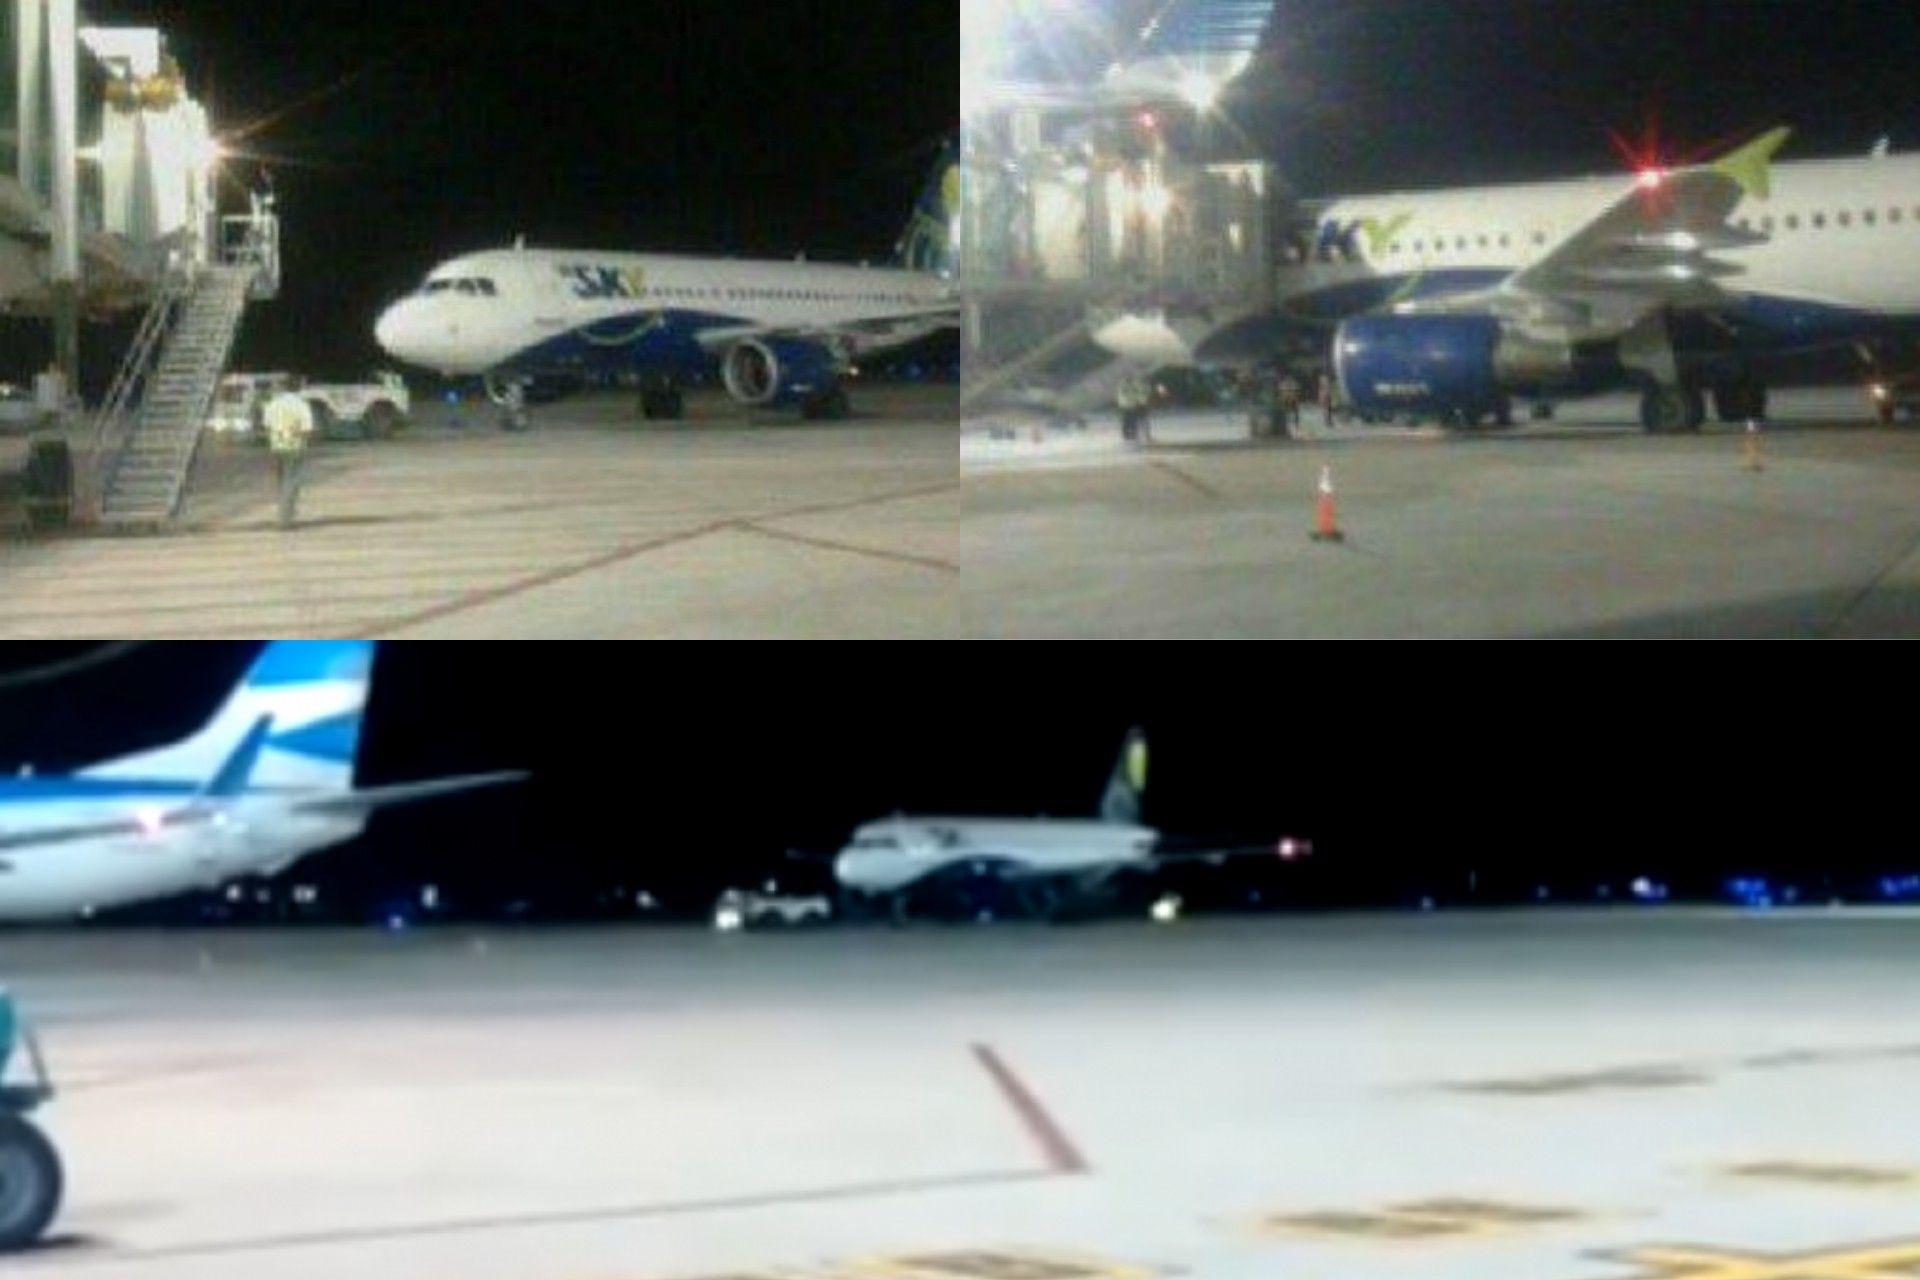 Tensión en un vuelolow cost en Mendoza